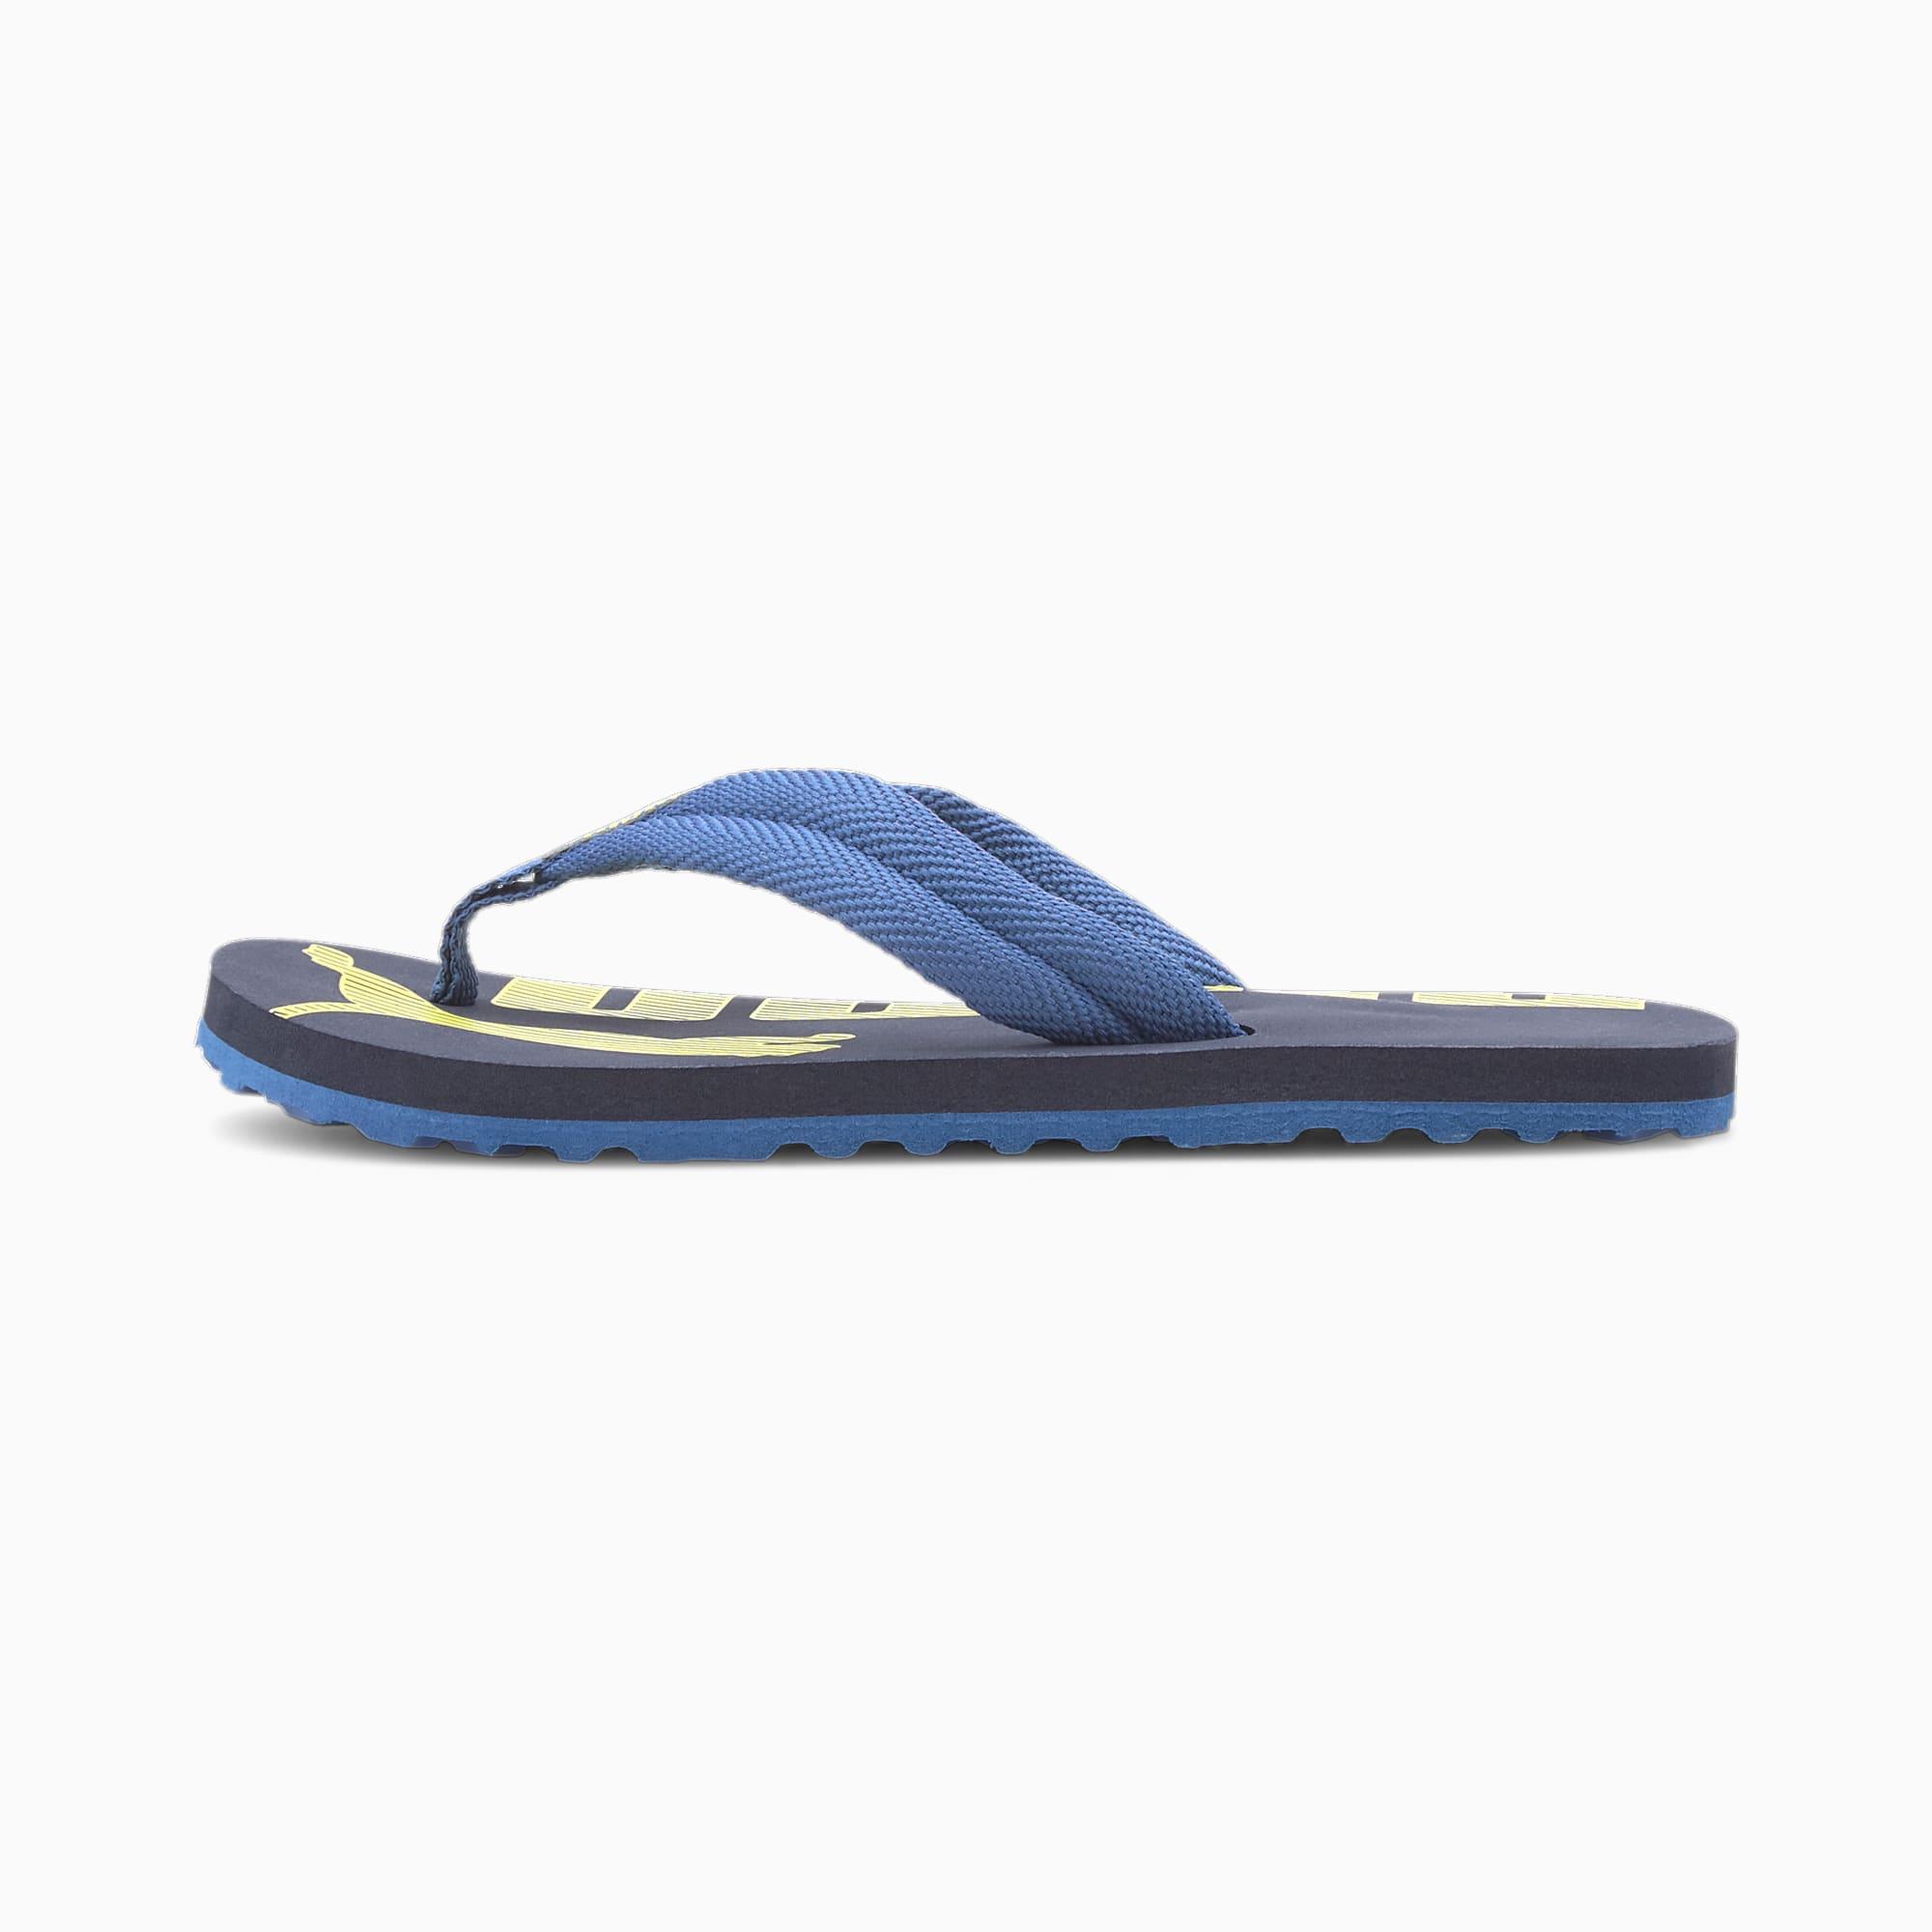 PUMA Chaussure Epic Flip v2 Preschool pour enfants, Bleu, Taille 29, Chaussures